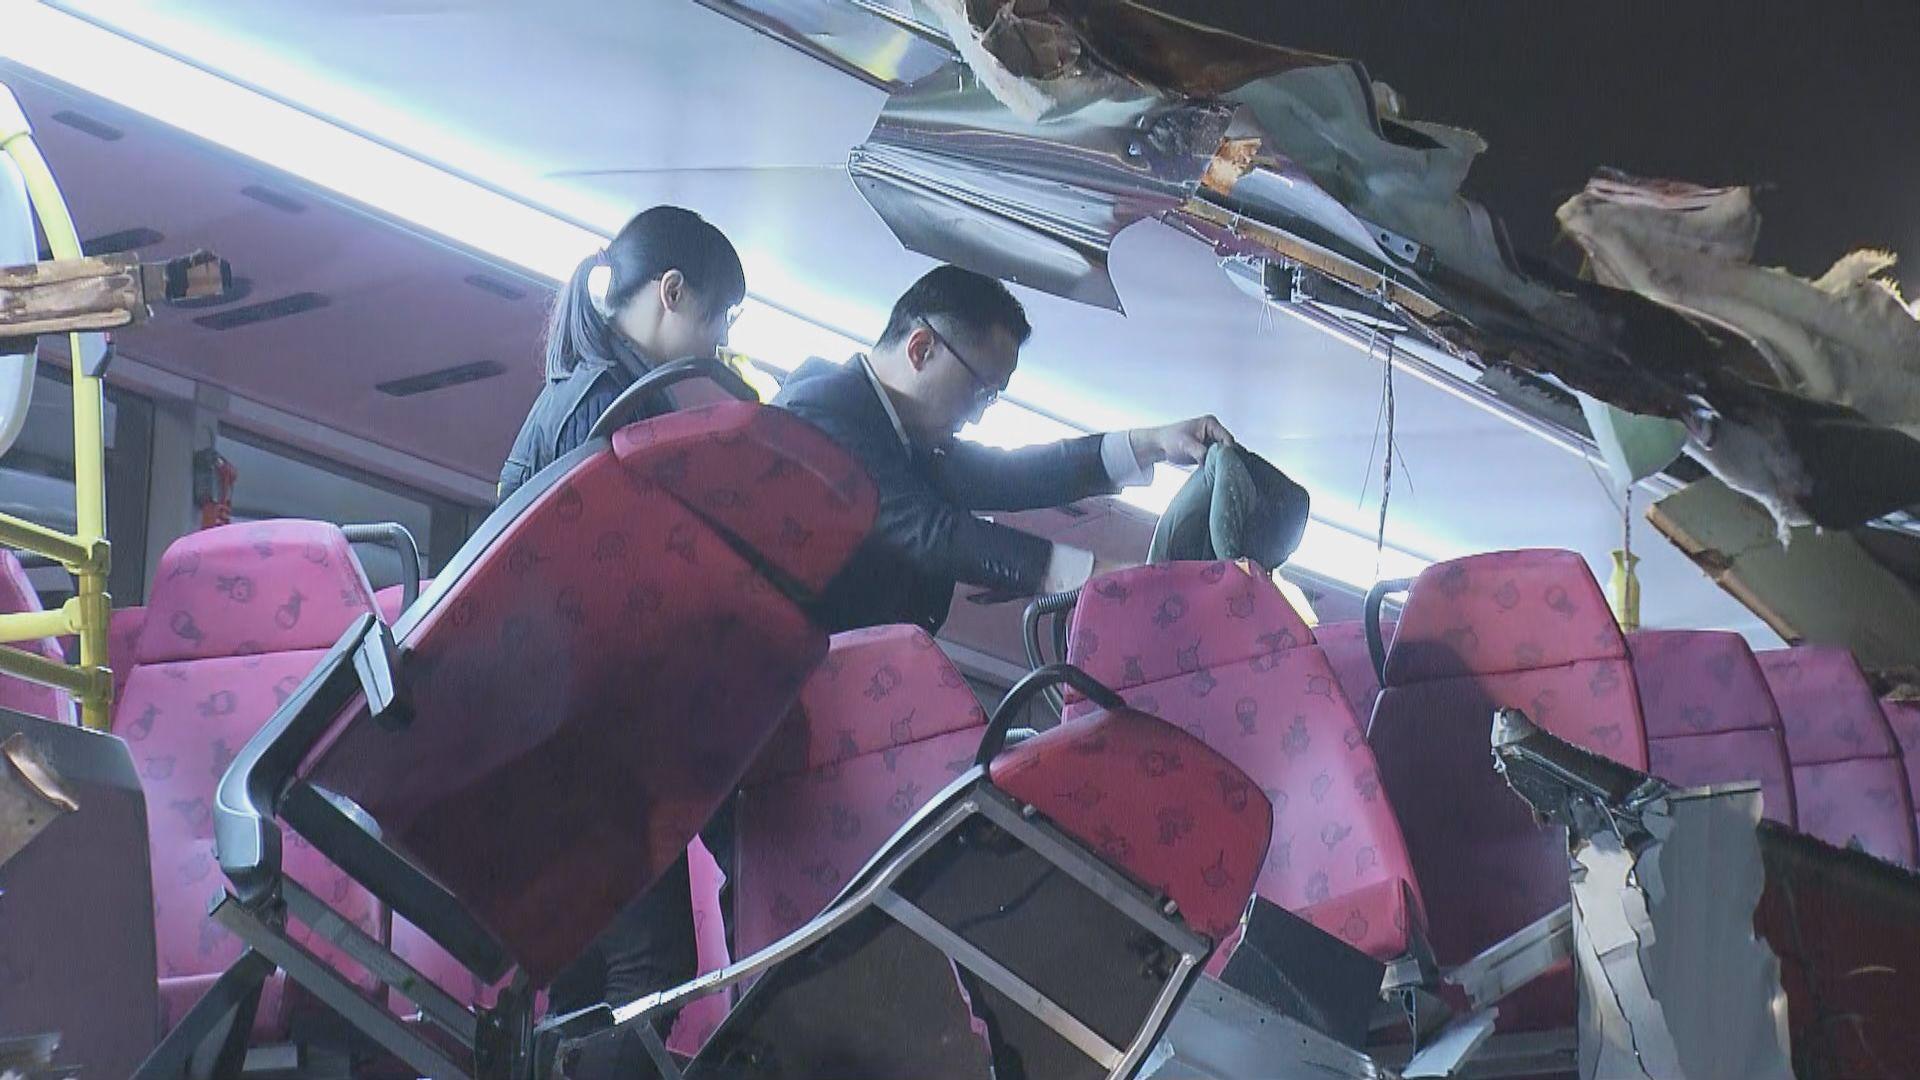 九巴粉嶺公路撞樹釀6死39傷 巴士損毀嚴重